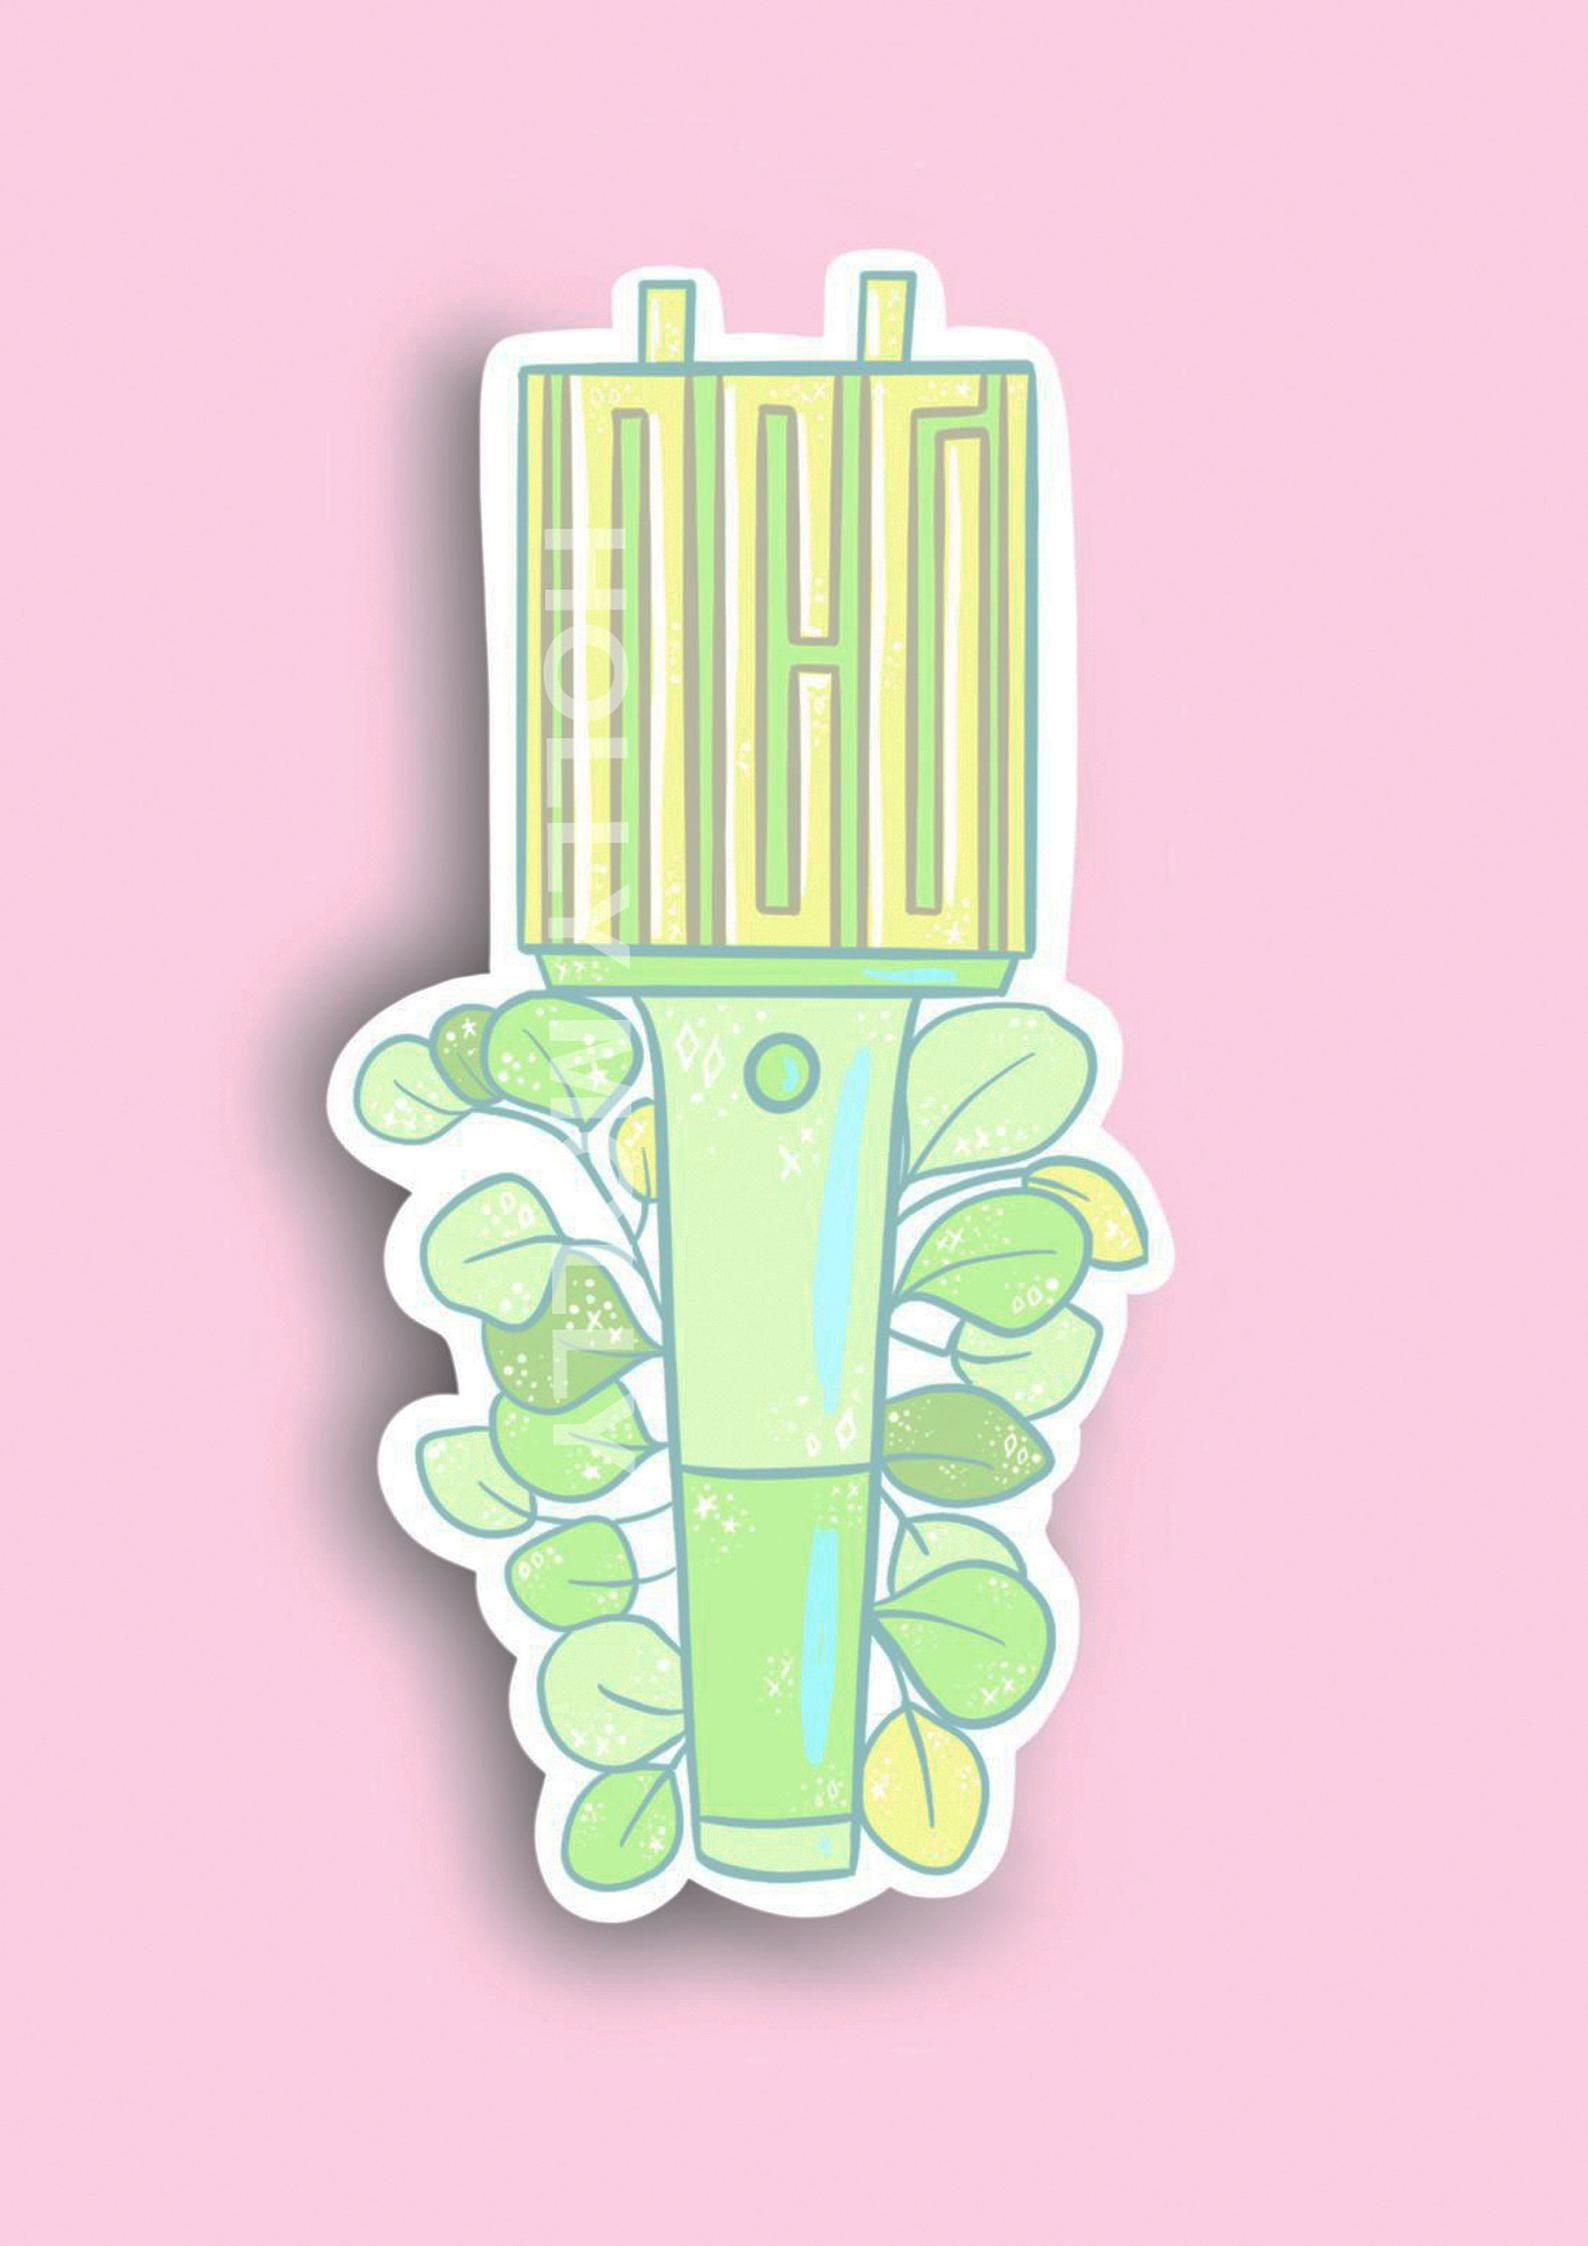 KPOP Lightstick Stickers